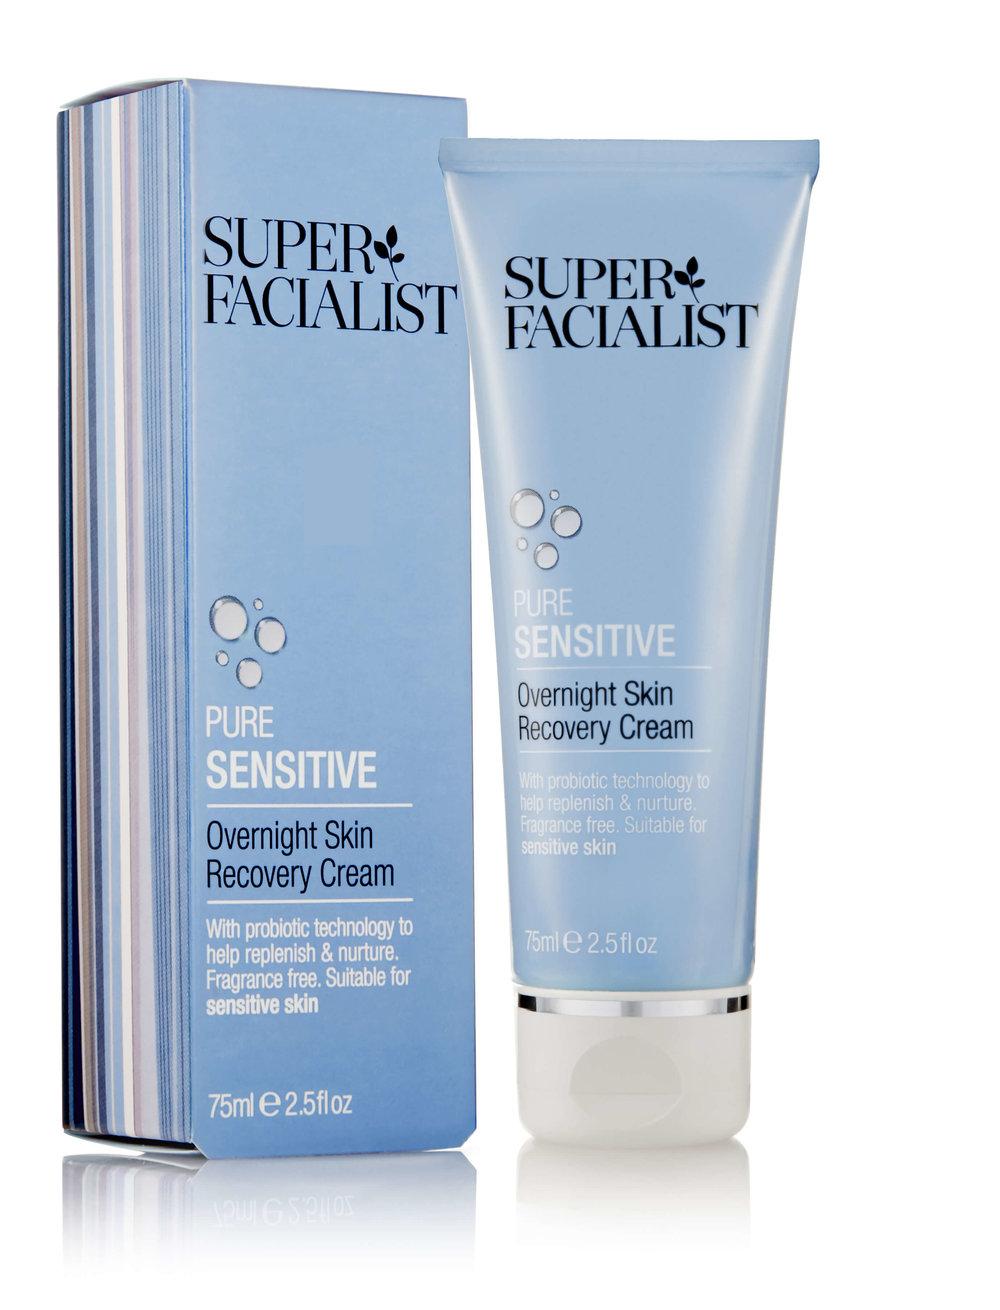 - Super Facialist Pure Sensitive Overnight Skin Recovery Cream